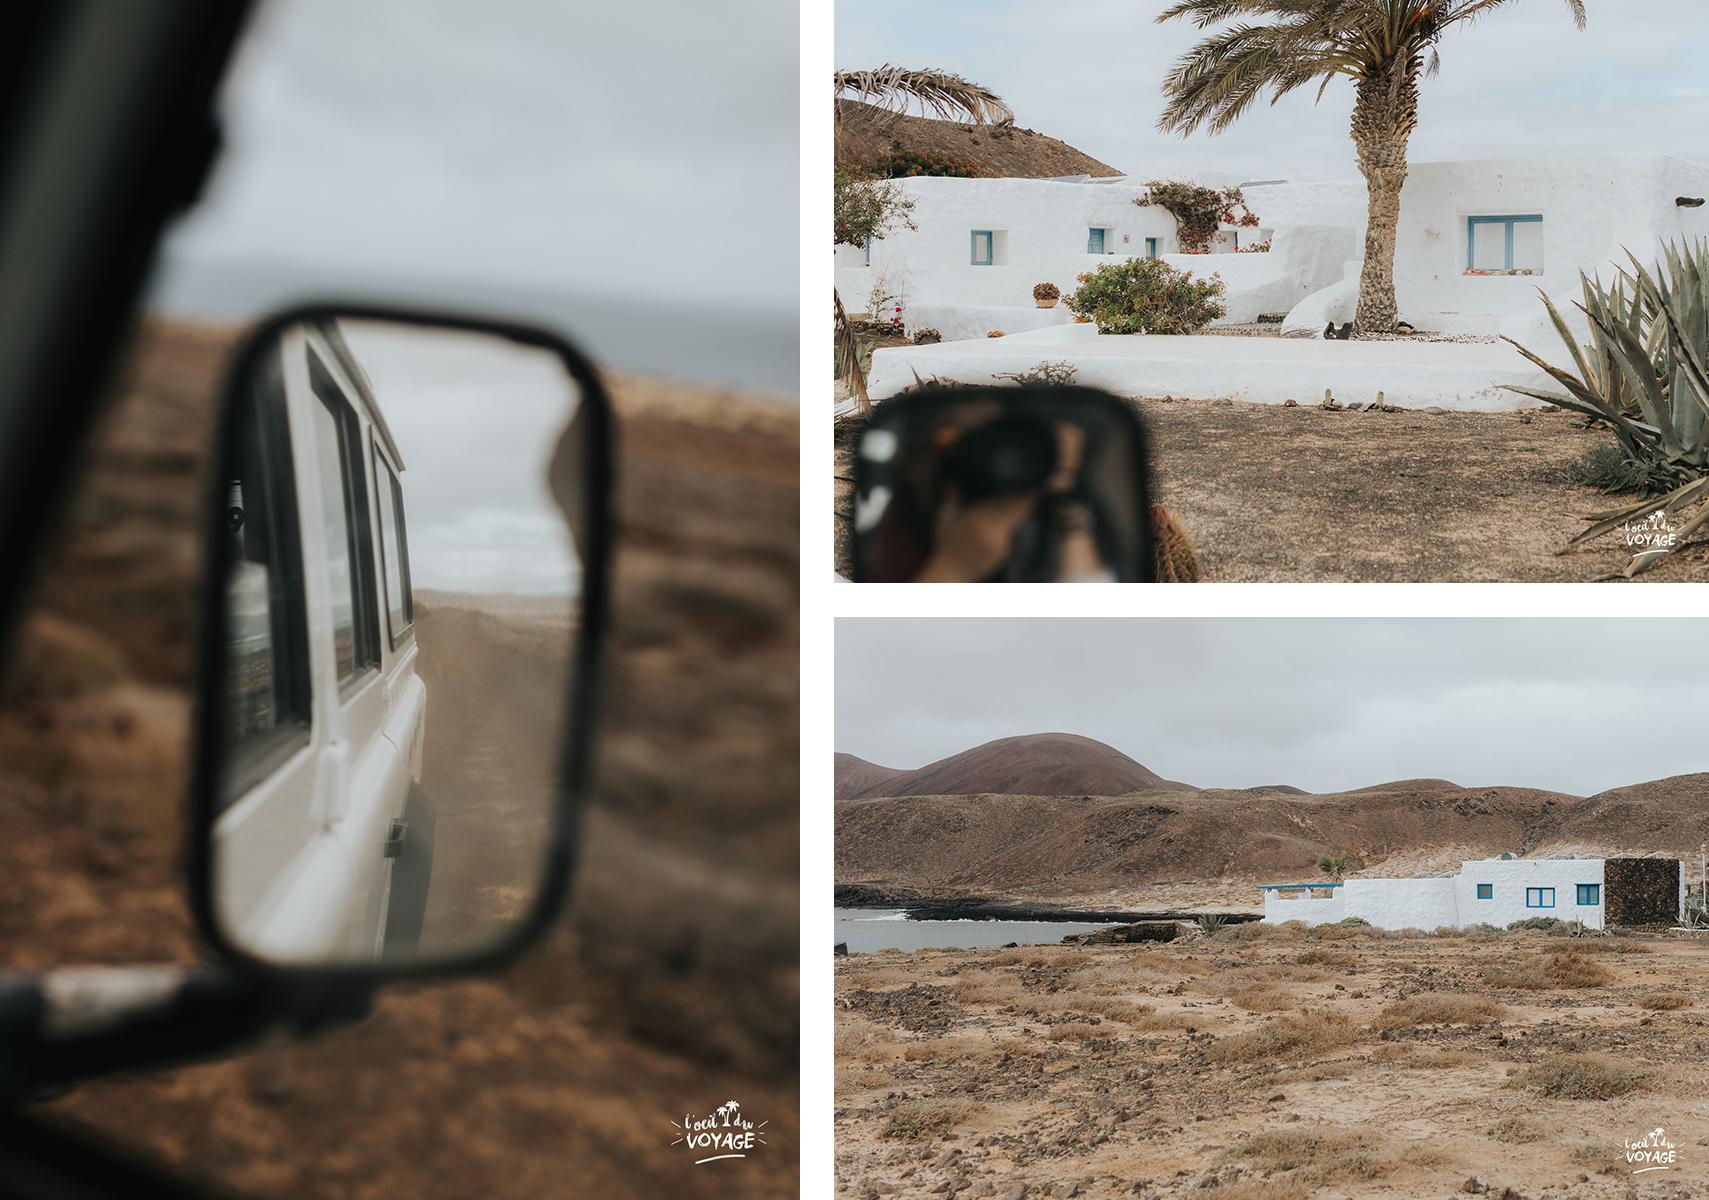 la isla graciosa, blog lanzarote, photo drone lanzarote